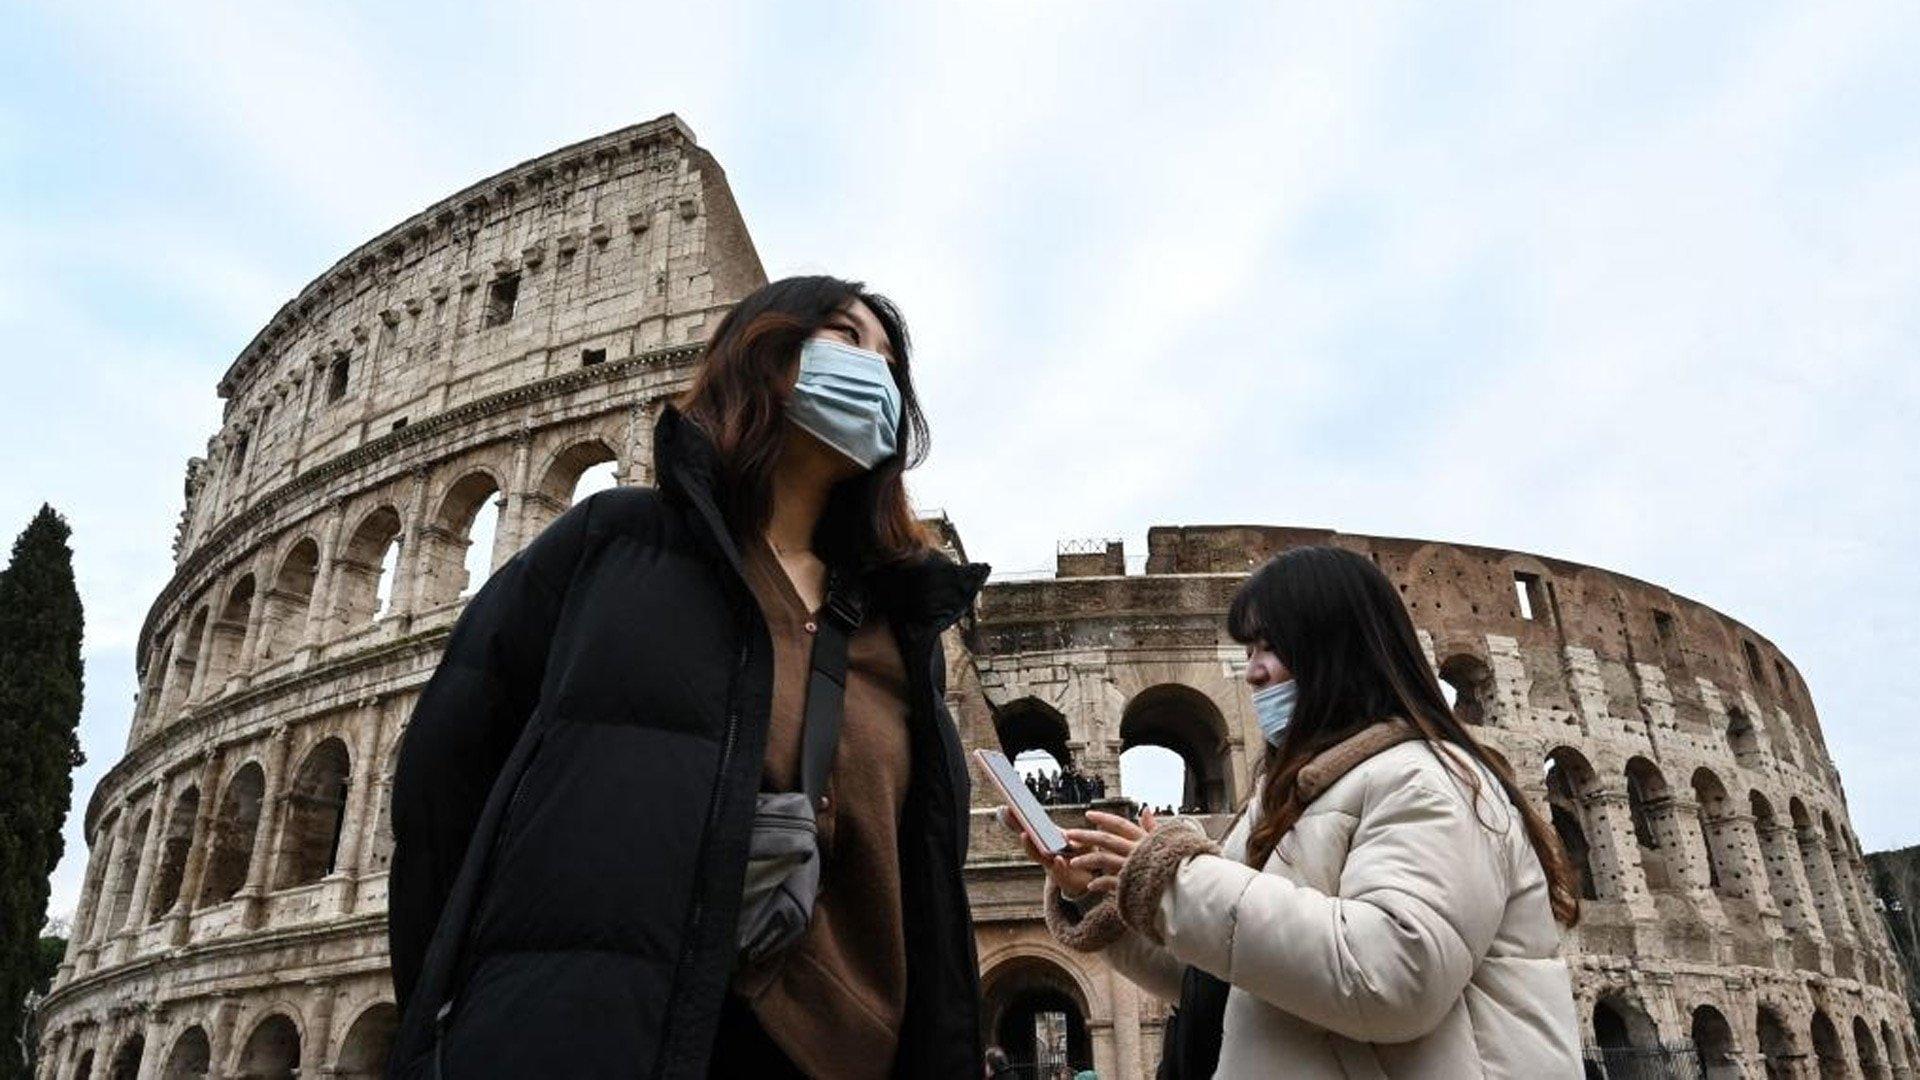 L'Italie se prépare à relancer le tourisme alors que les préoccupations liées au COVID-19 diminuent